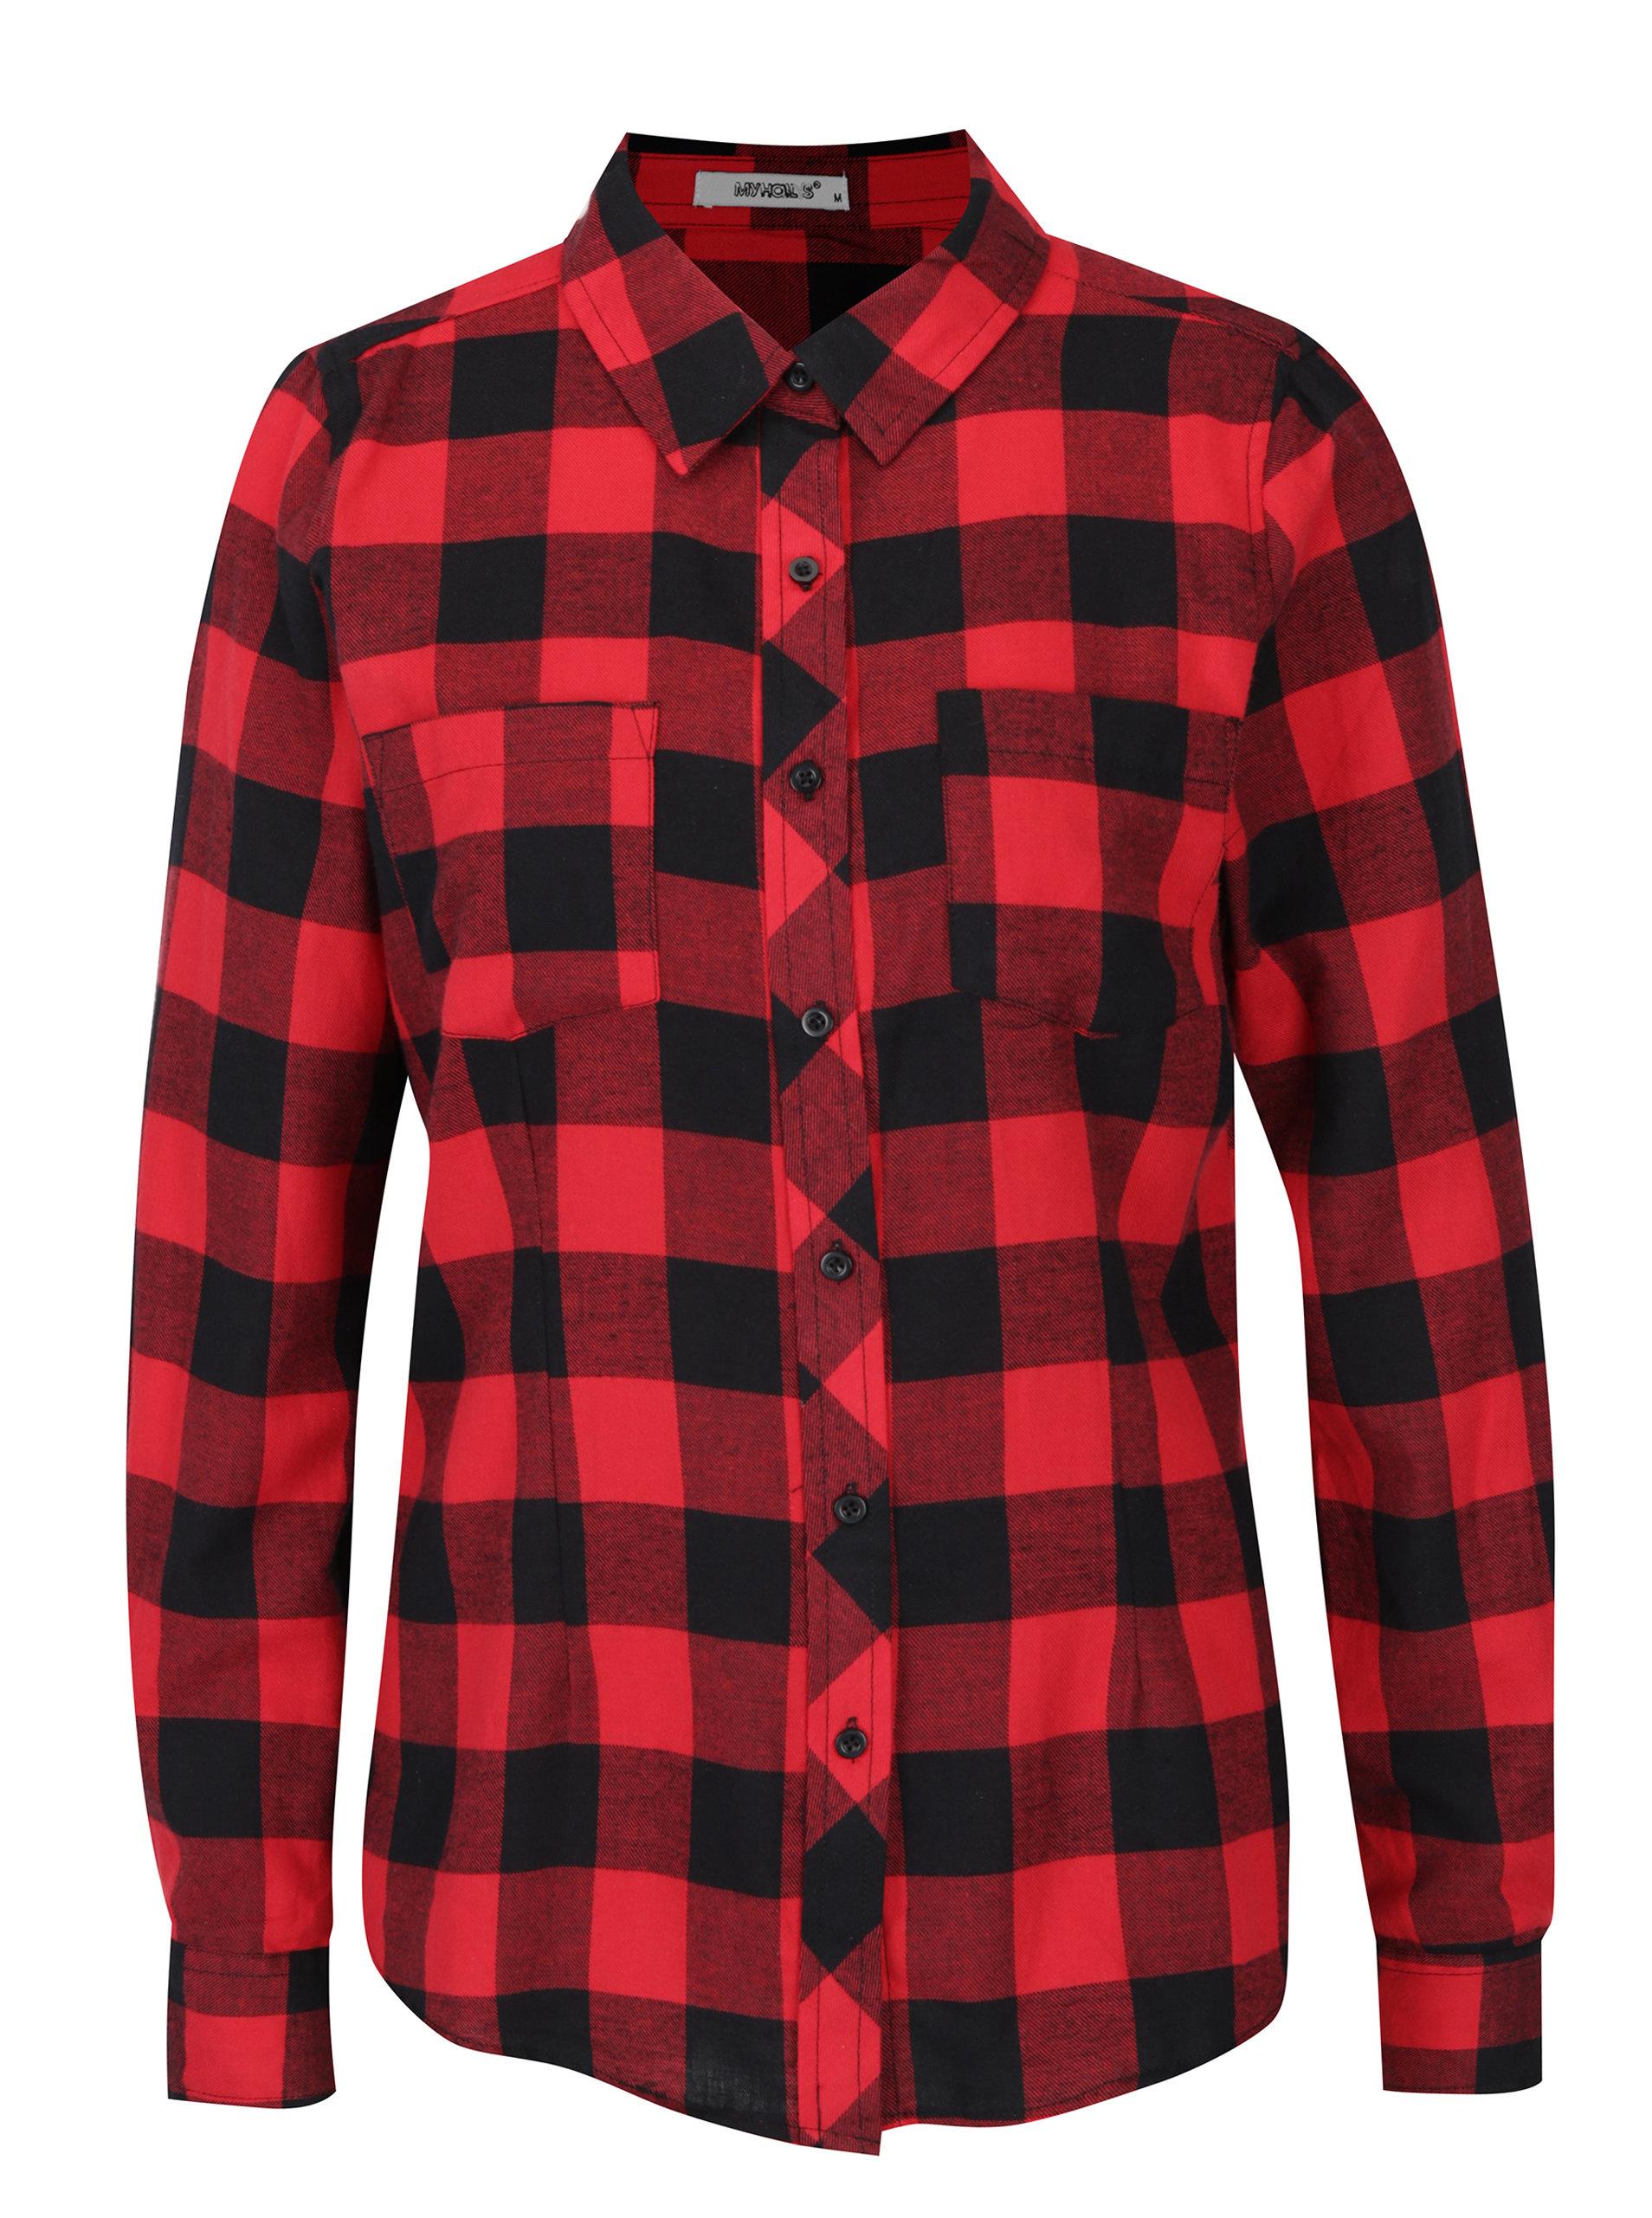 Černo-červená kostkovaná košile Haily´s Biljana ... ae72d0a779